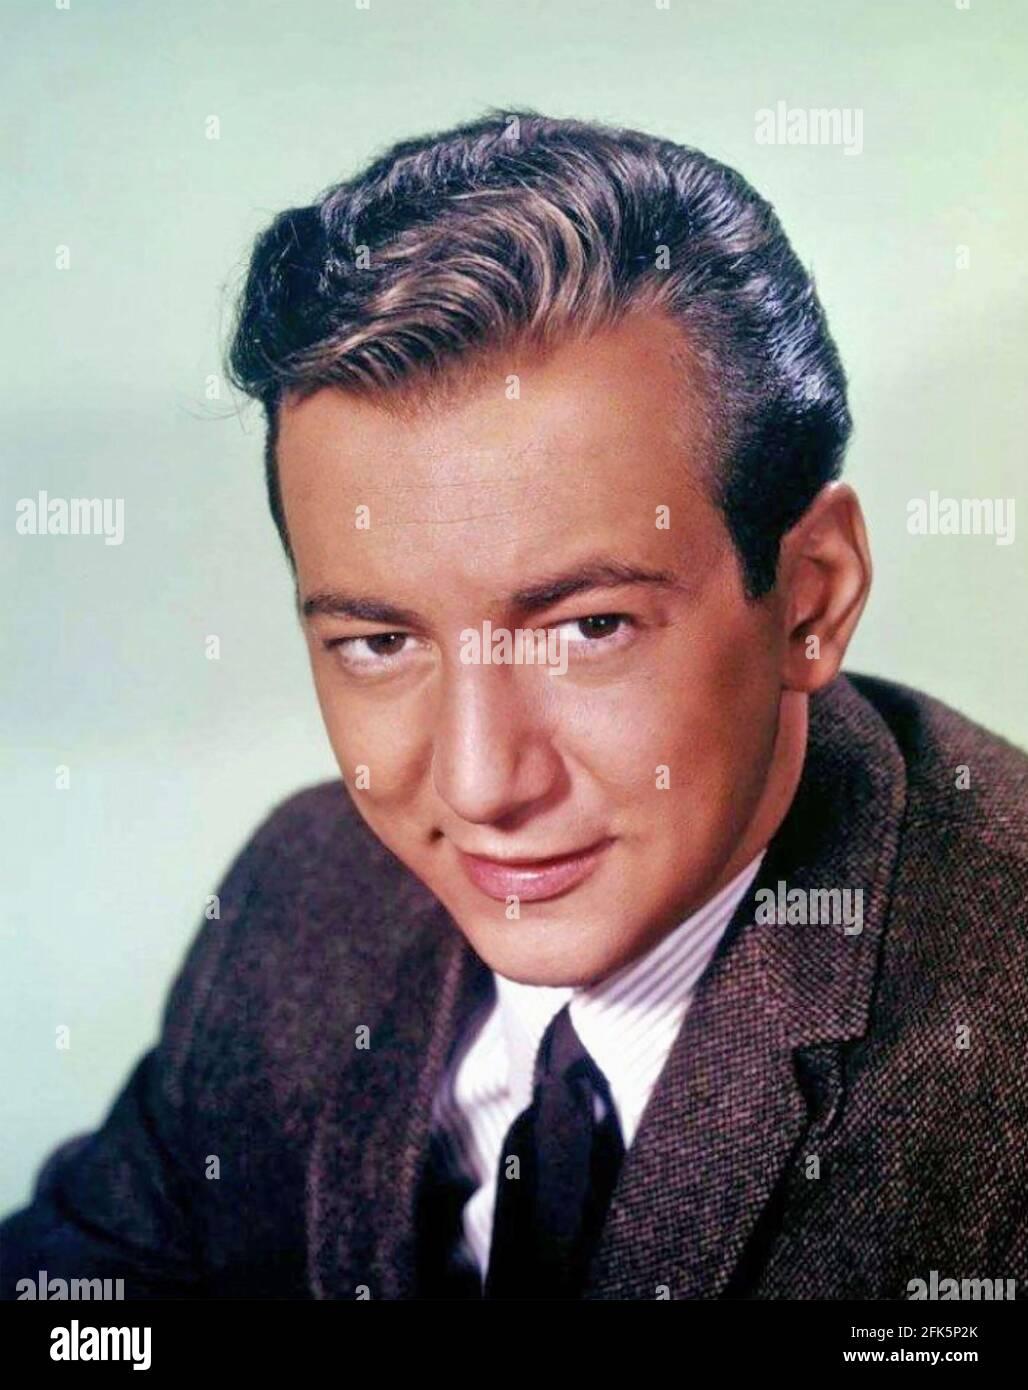 BOBBY DARIN (1936-1973) chanteur et acteur américain vers 1960 Banque D'Images